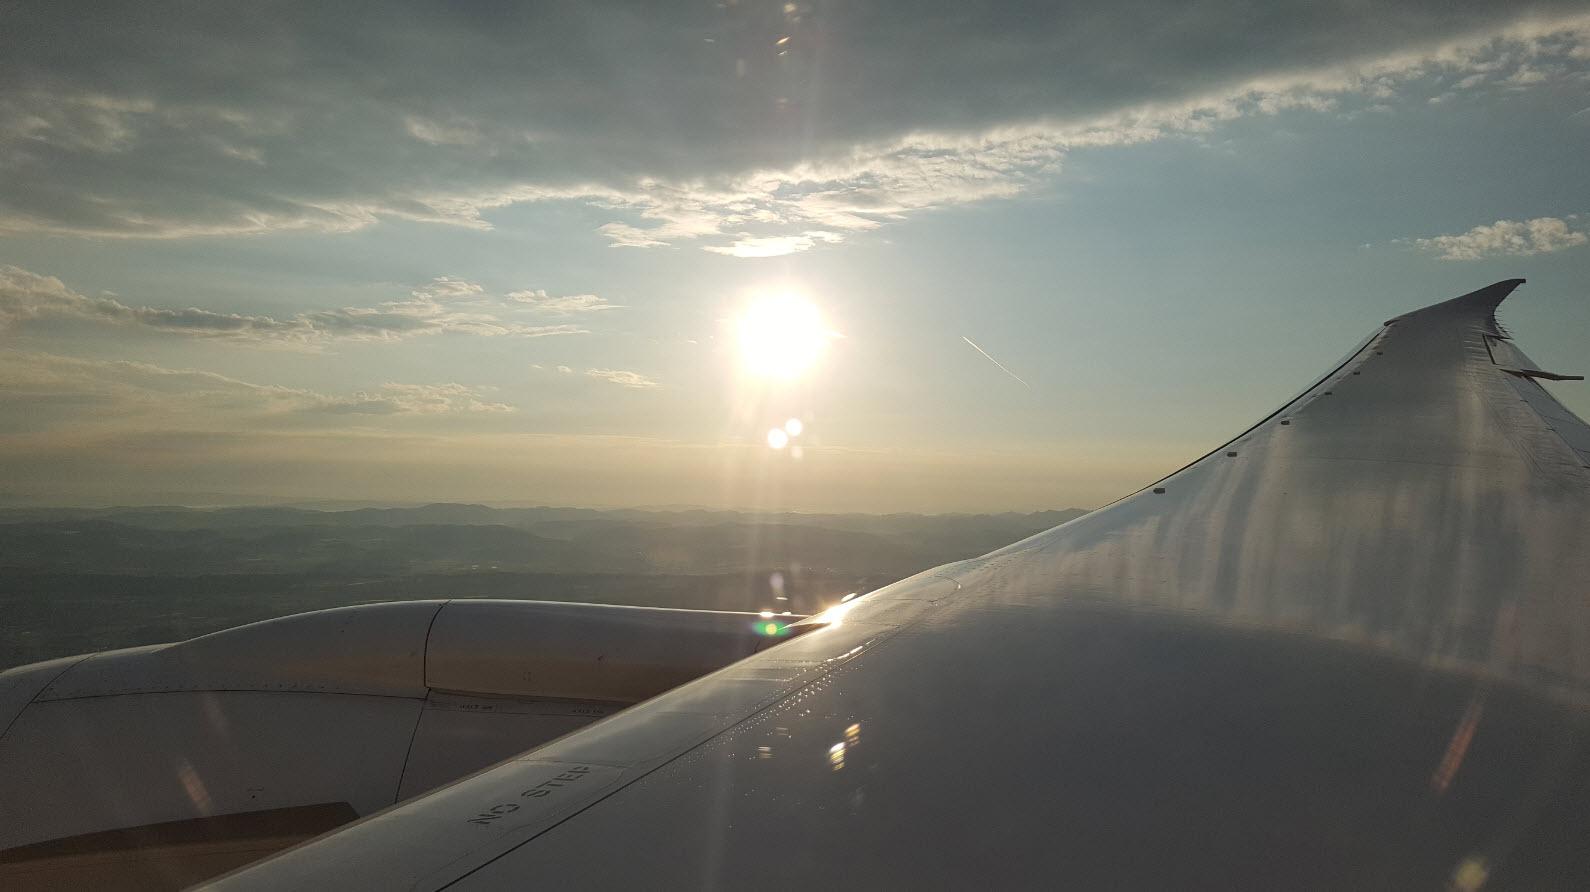 Arrivee sur Zurich